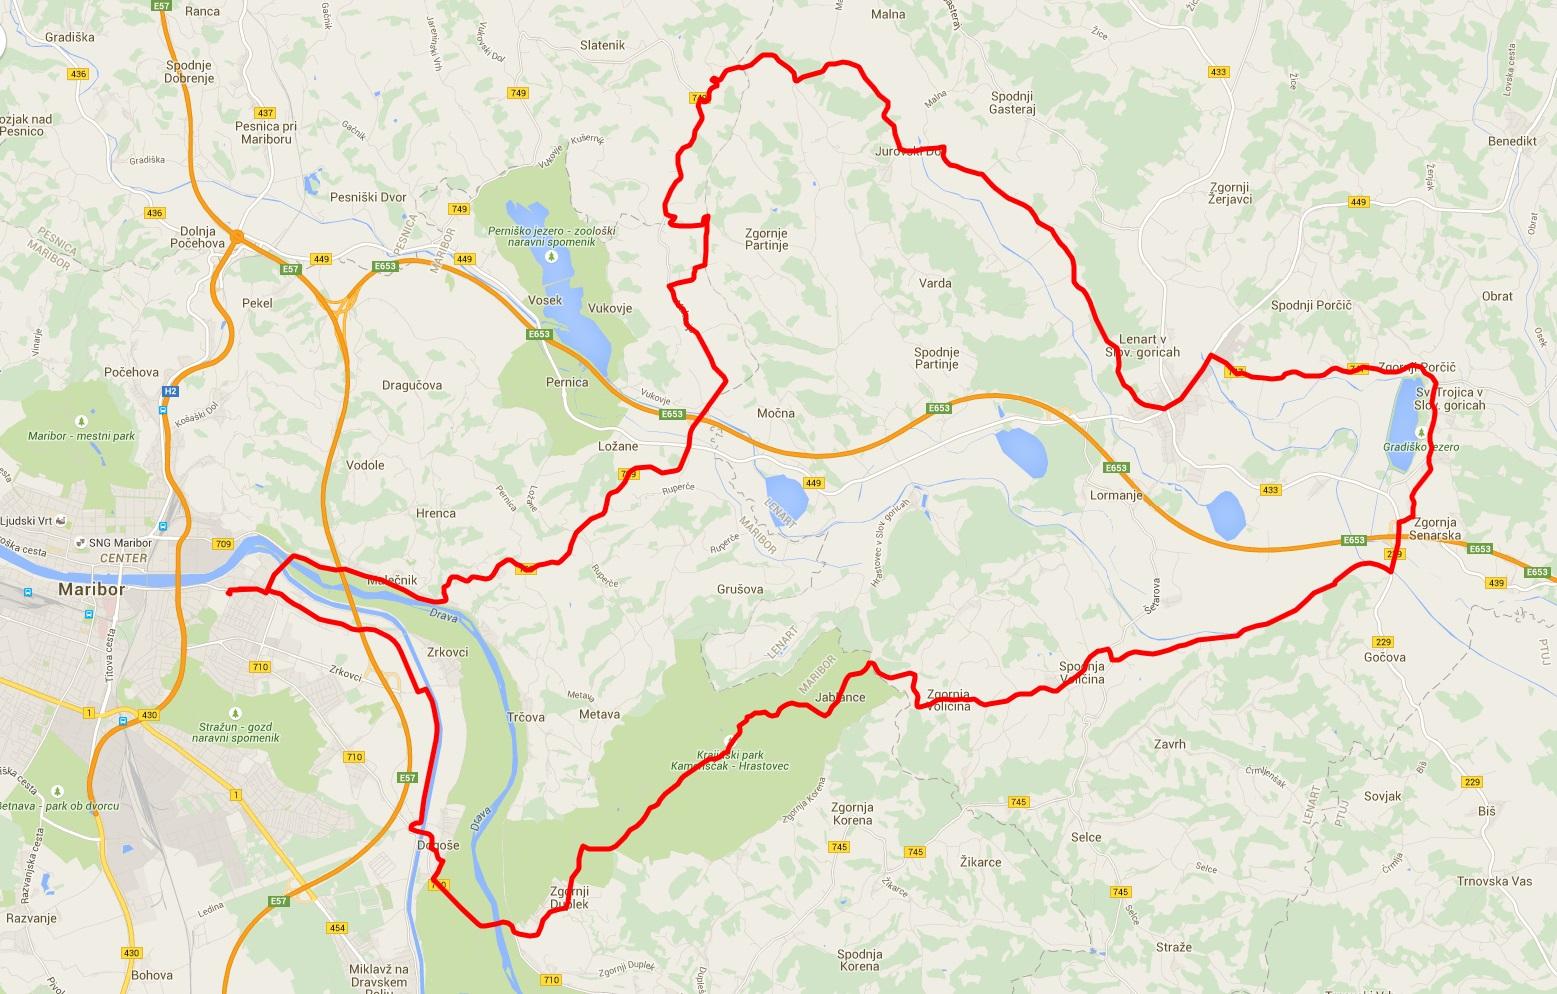 Pot kolesarskega izleta sv. Trojica